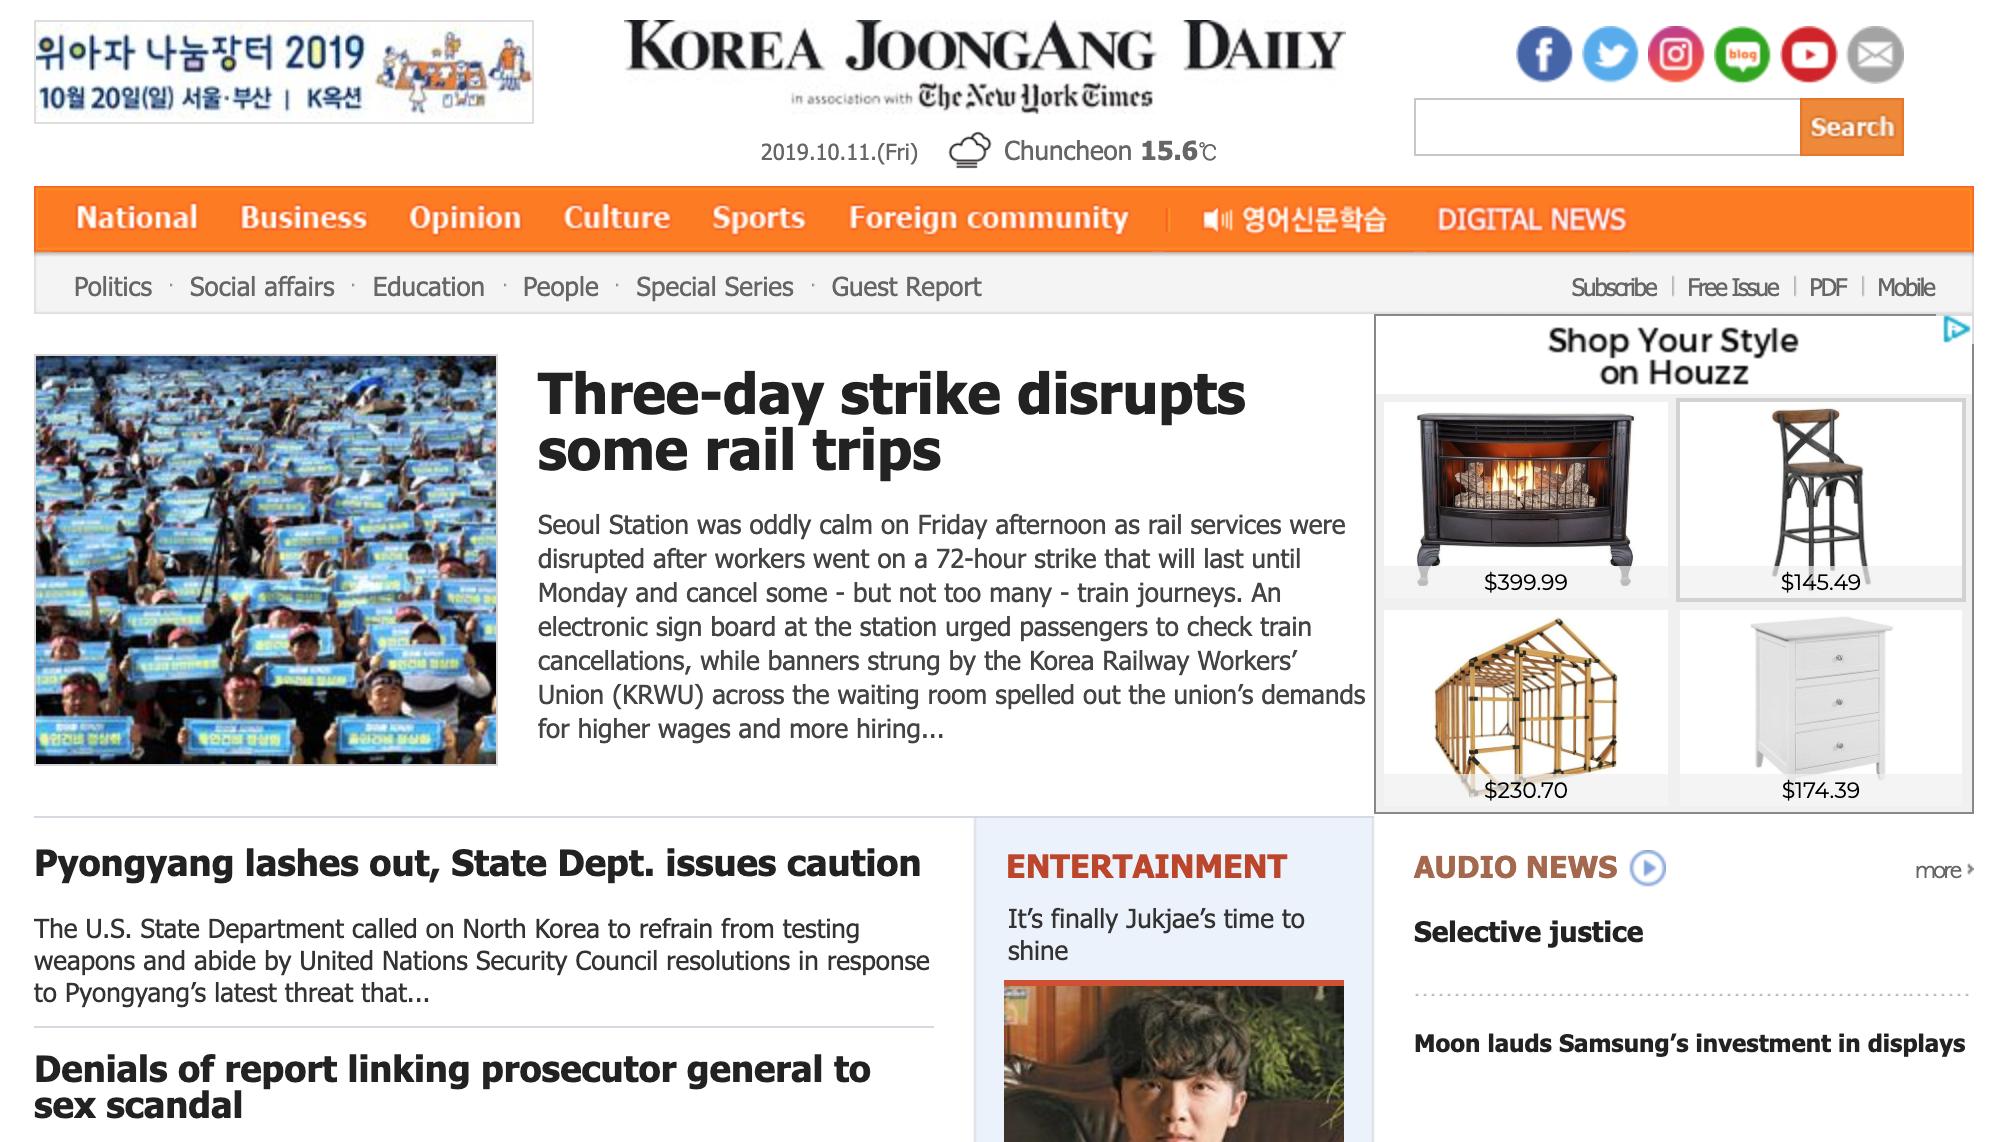 English Homepage of Korea JoongAng Daily, October 11, 2019 (http://koreajoongangdaily.joins.com)